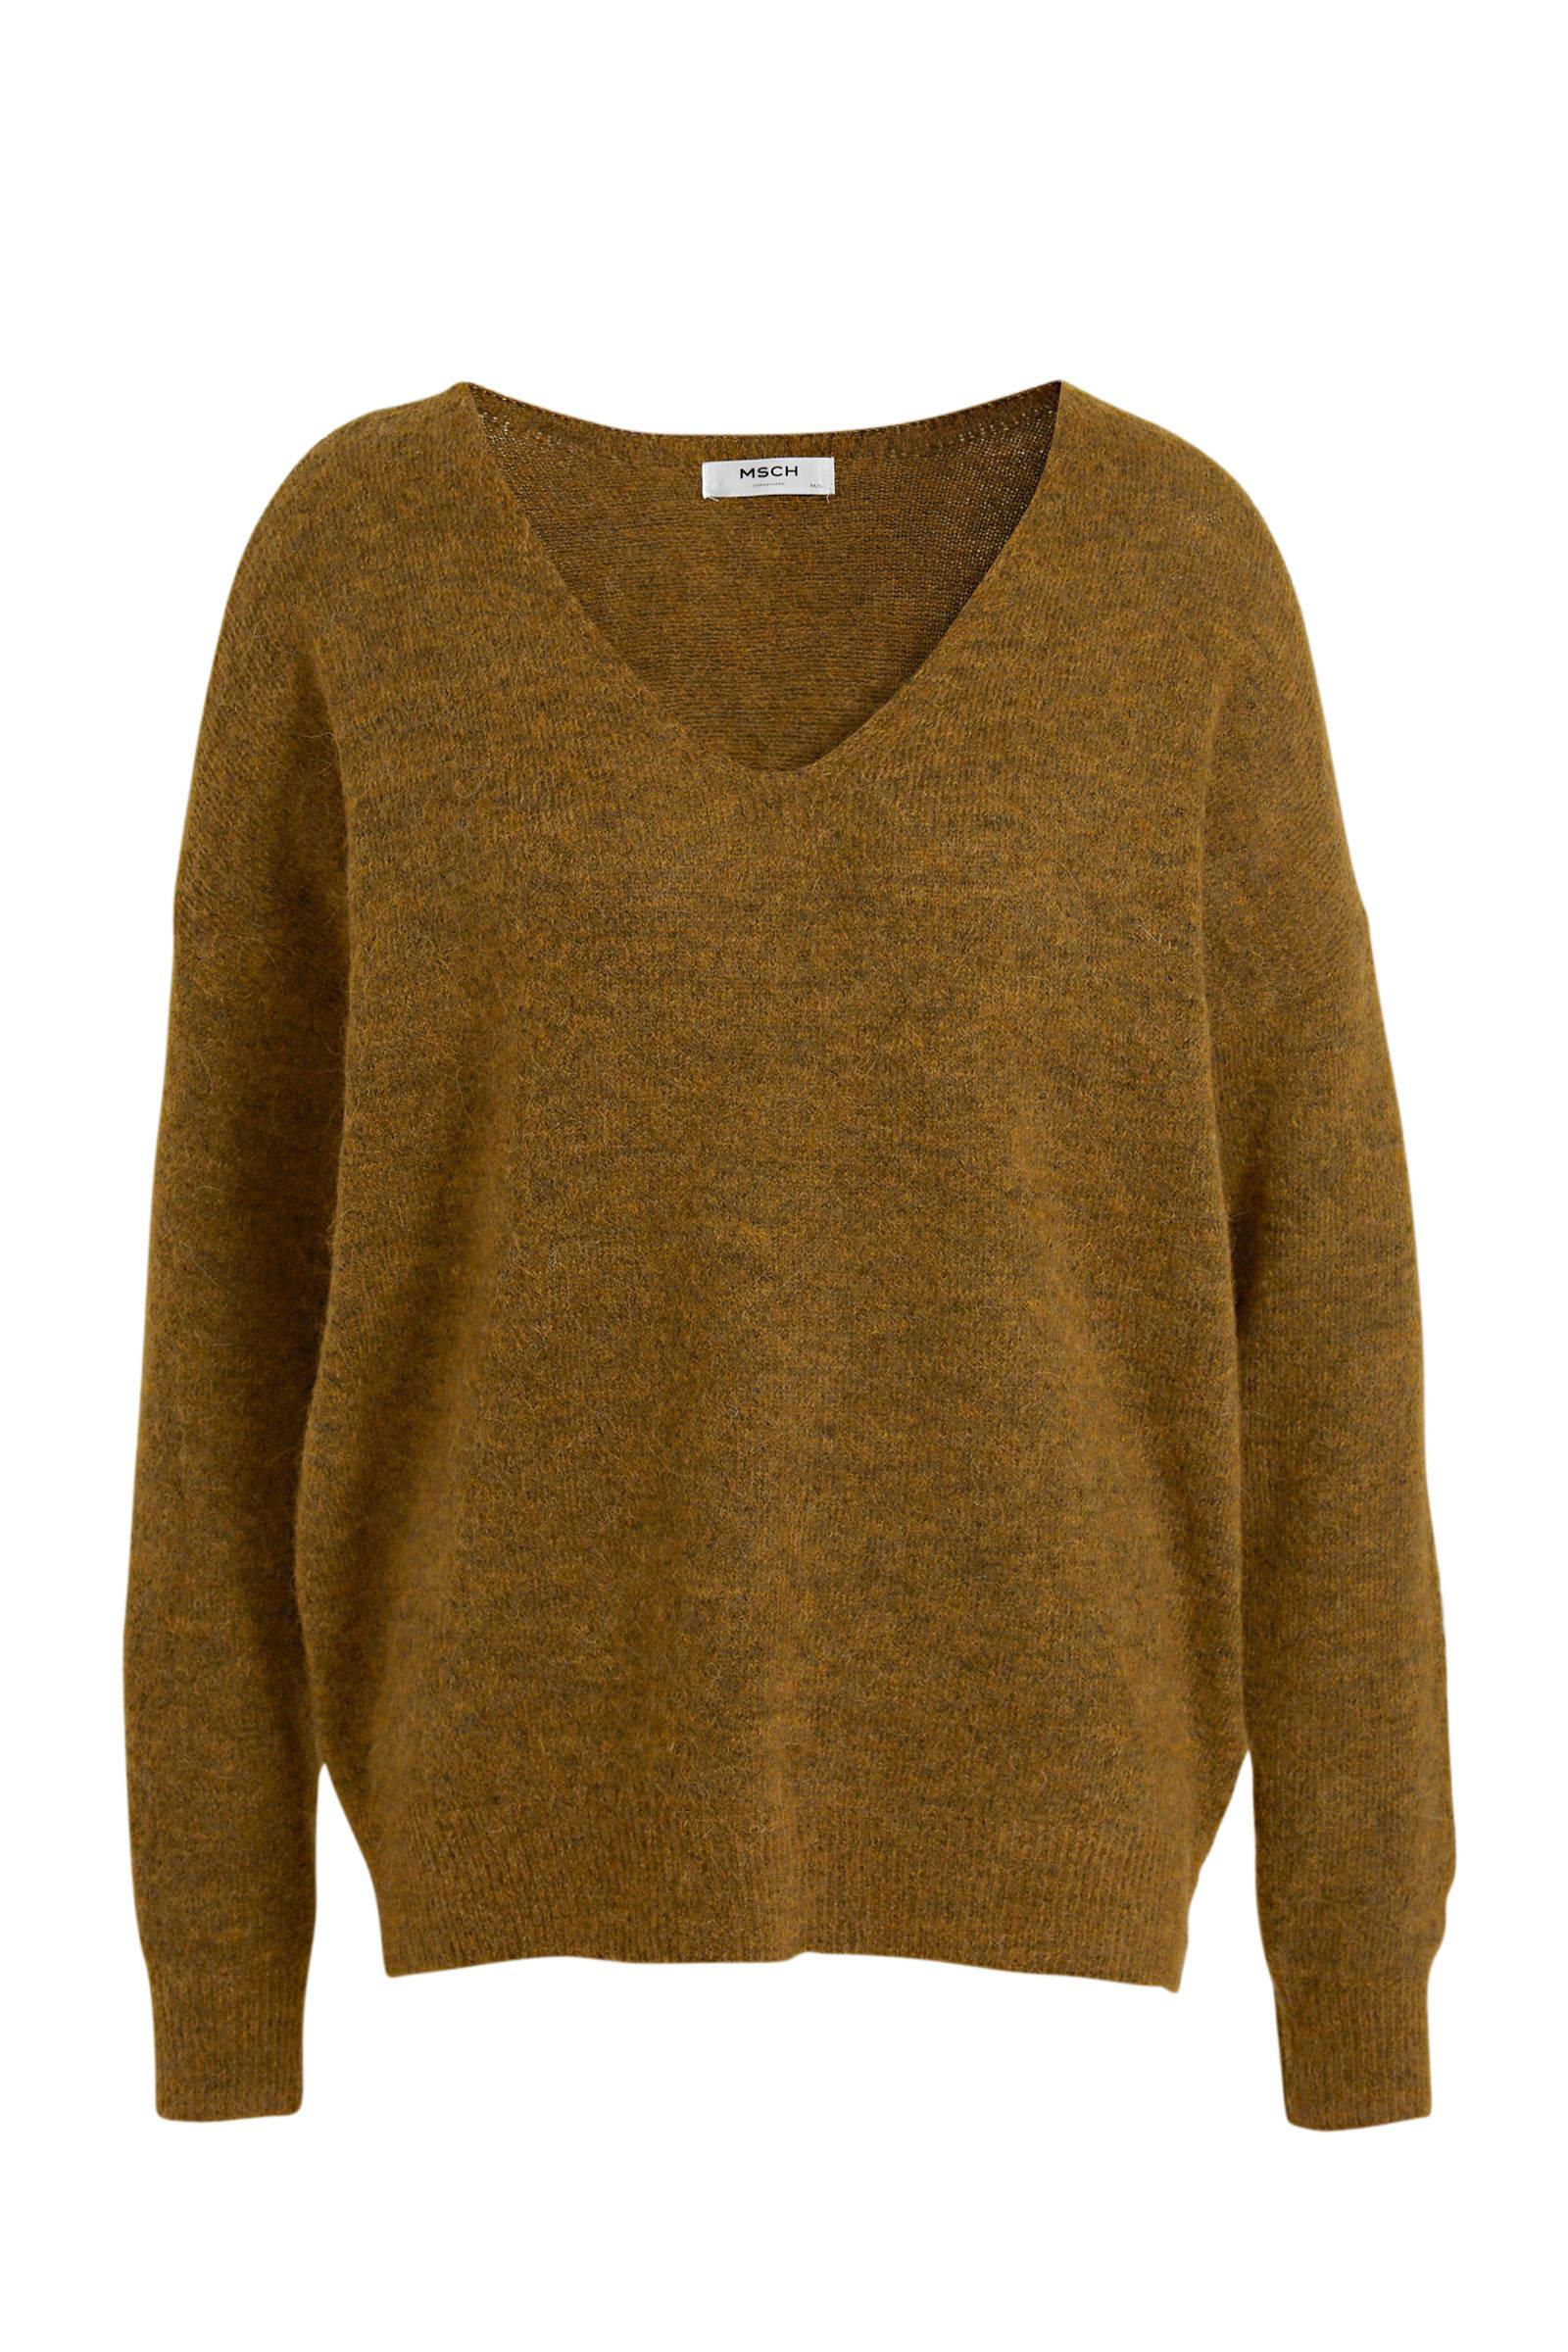 MSCH Copenhagen trui met wol | wehkamp